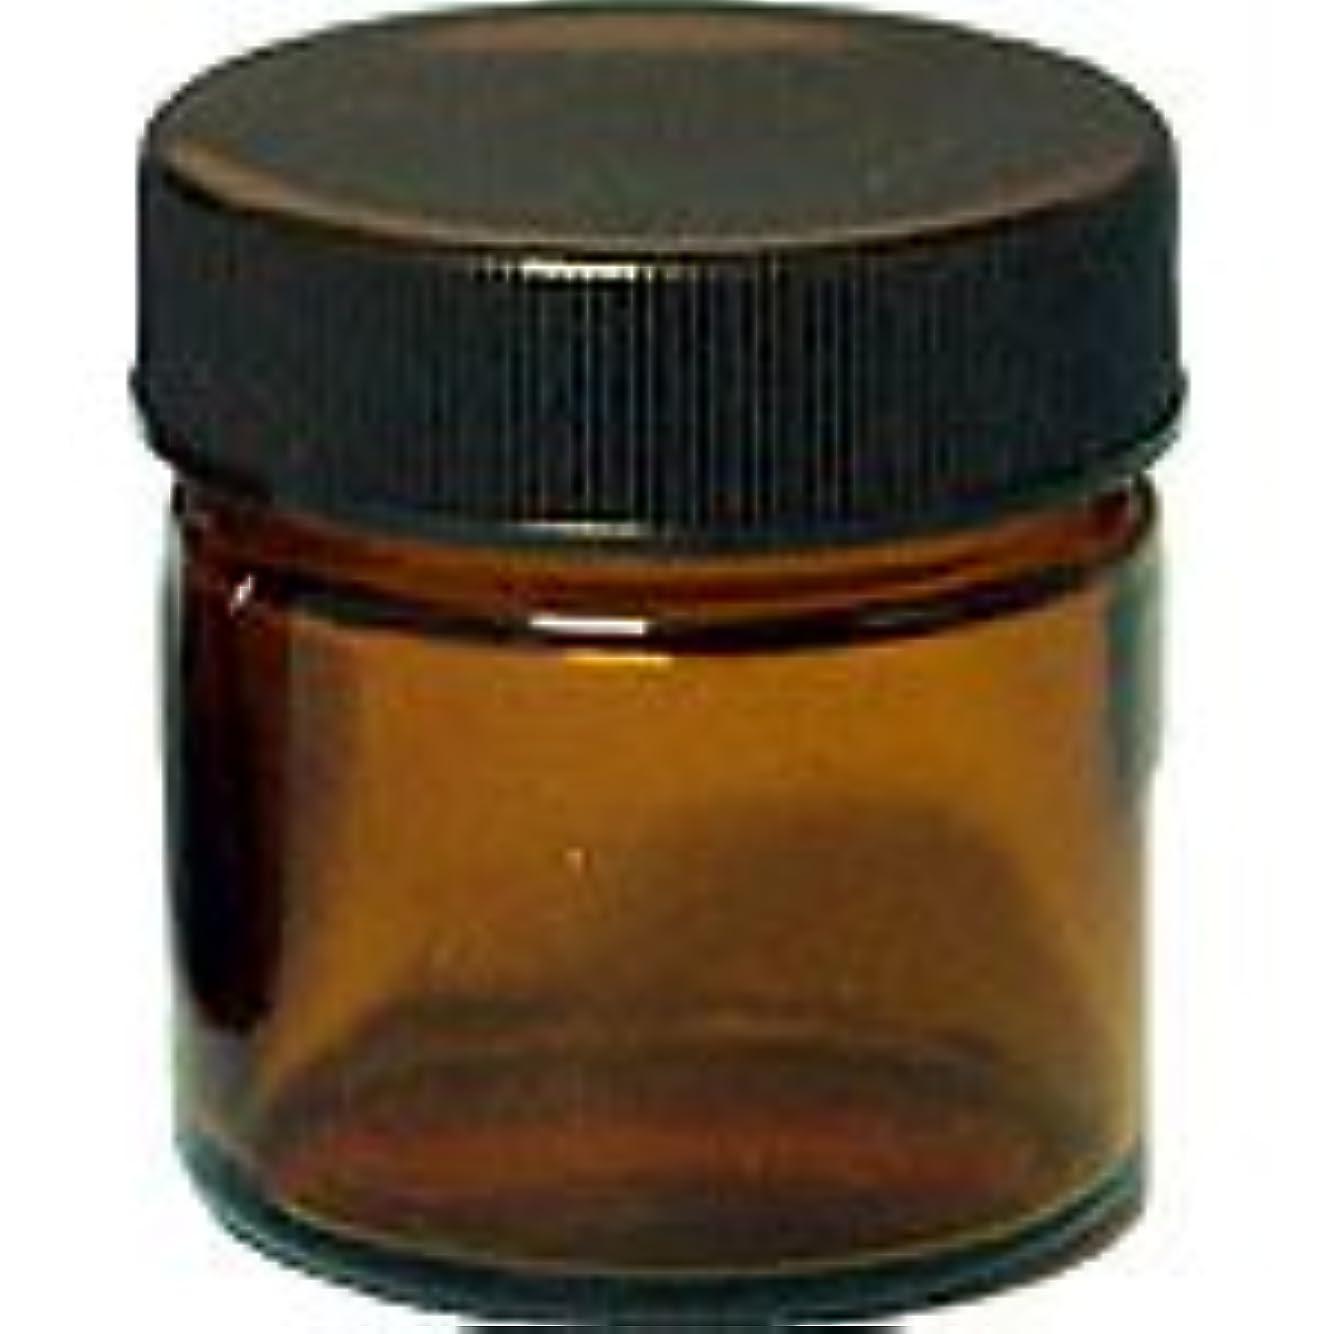 眠りキャプテン容器 茶色遮光ガラスクリーム容器 25mL×2個セット